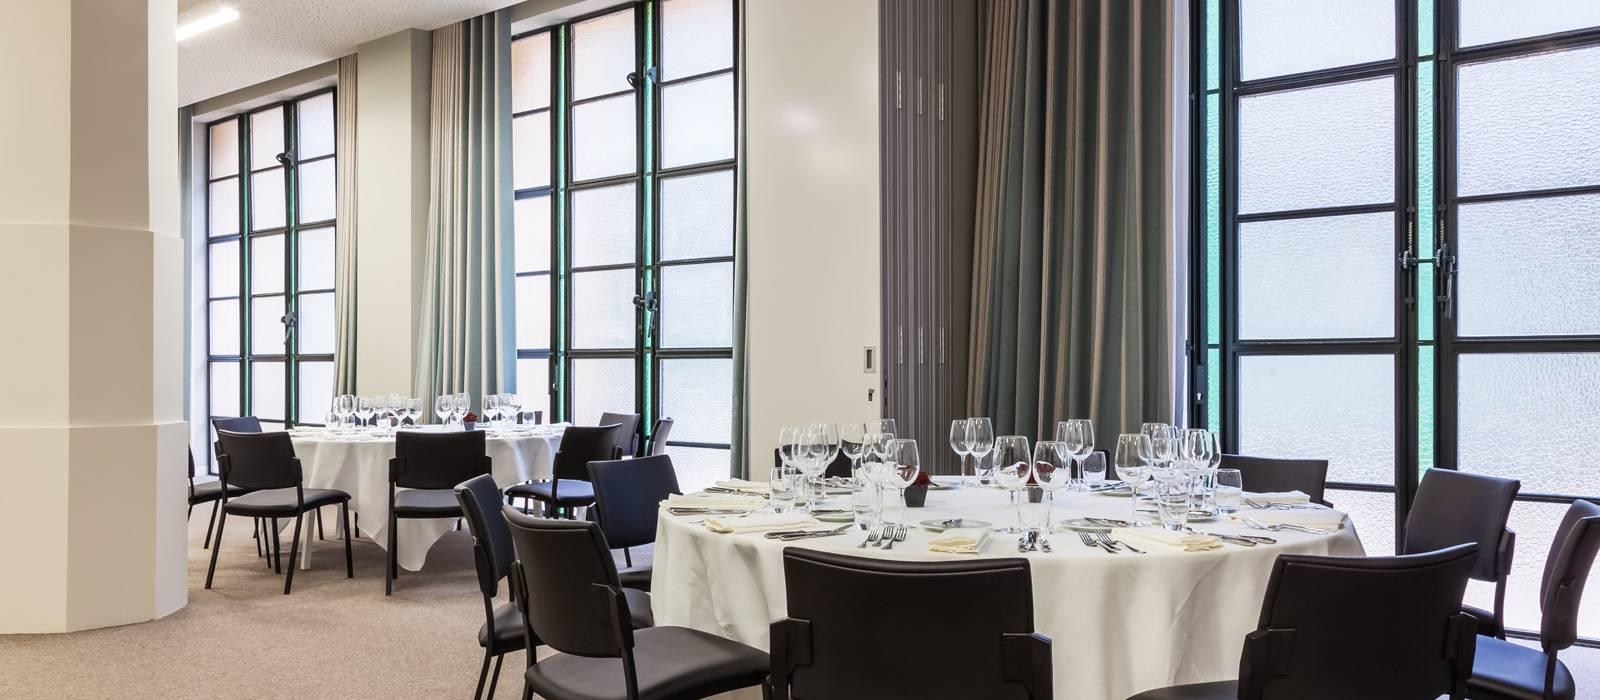 Services Hôtel Porto - Vincci Hoteles - Salons